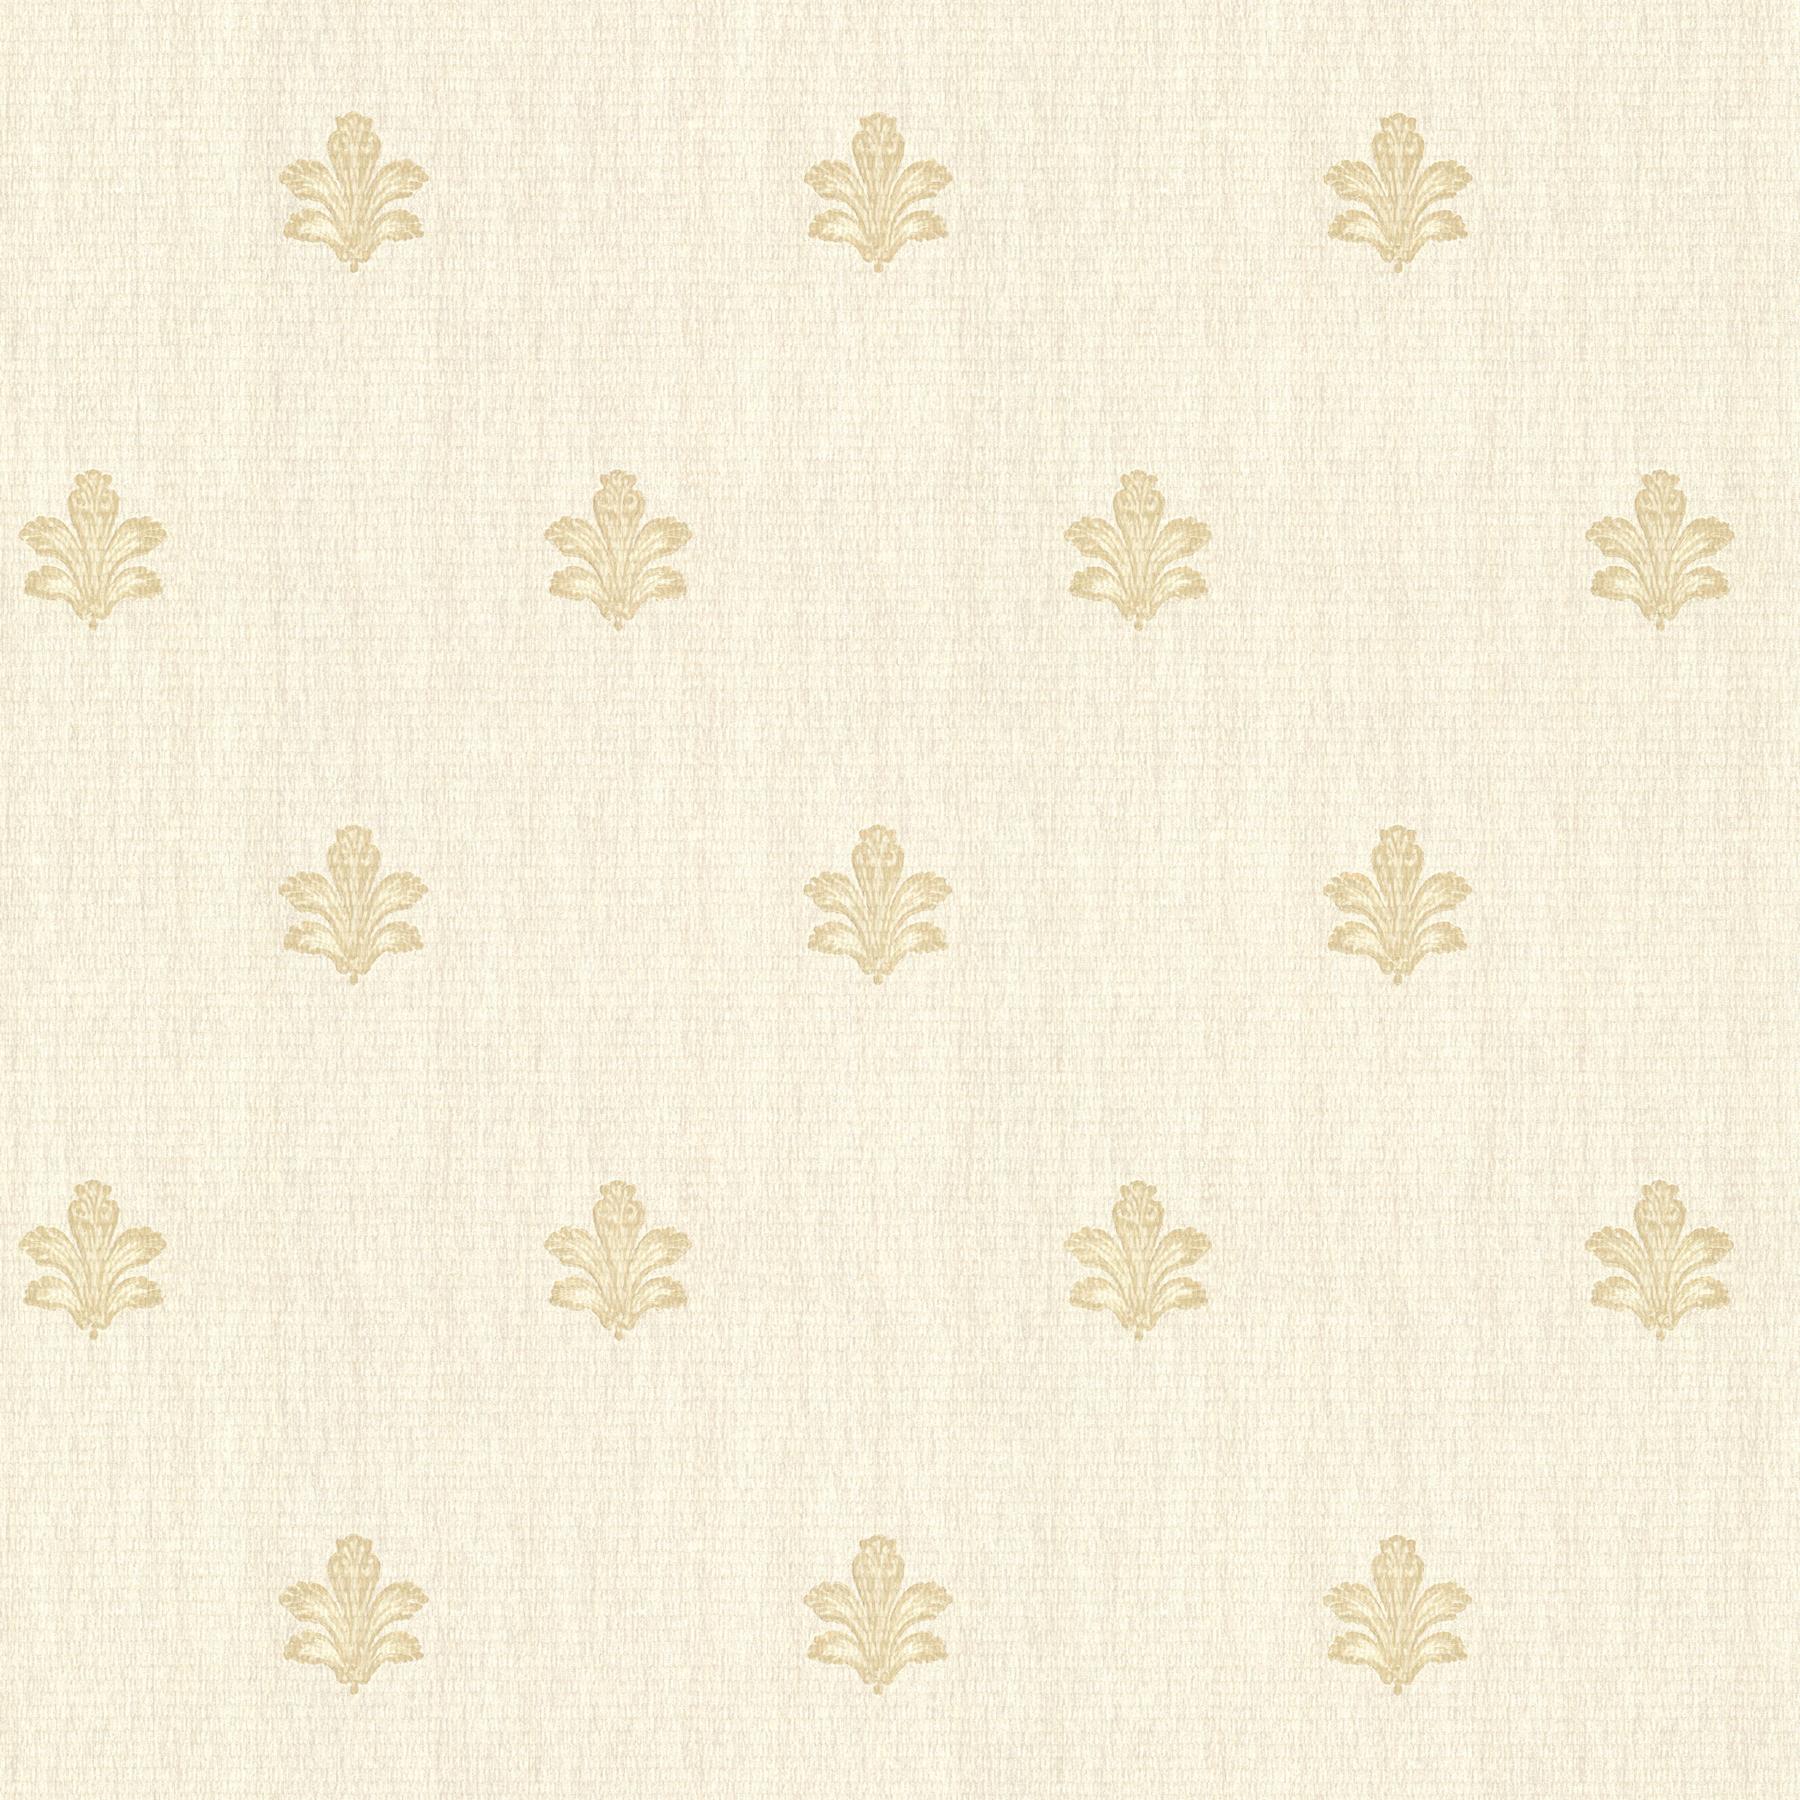 Picture of Bolton Beige Fleur De Lis Wallpaper